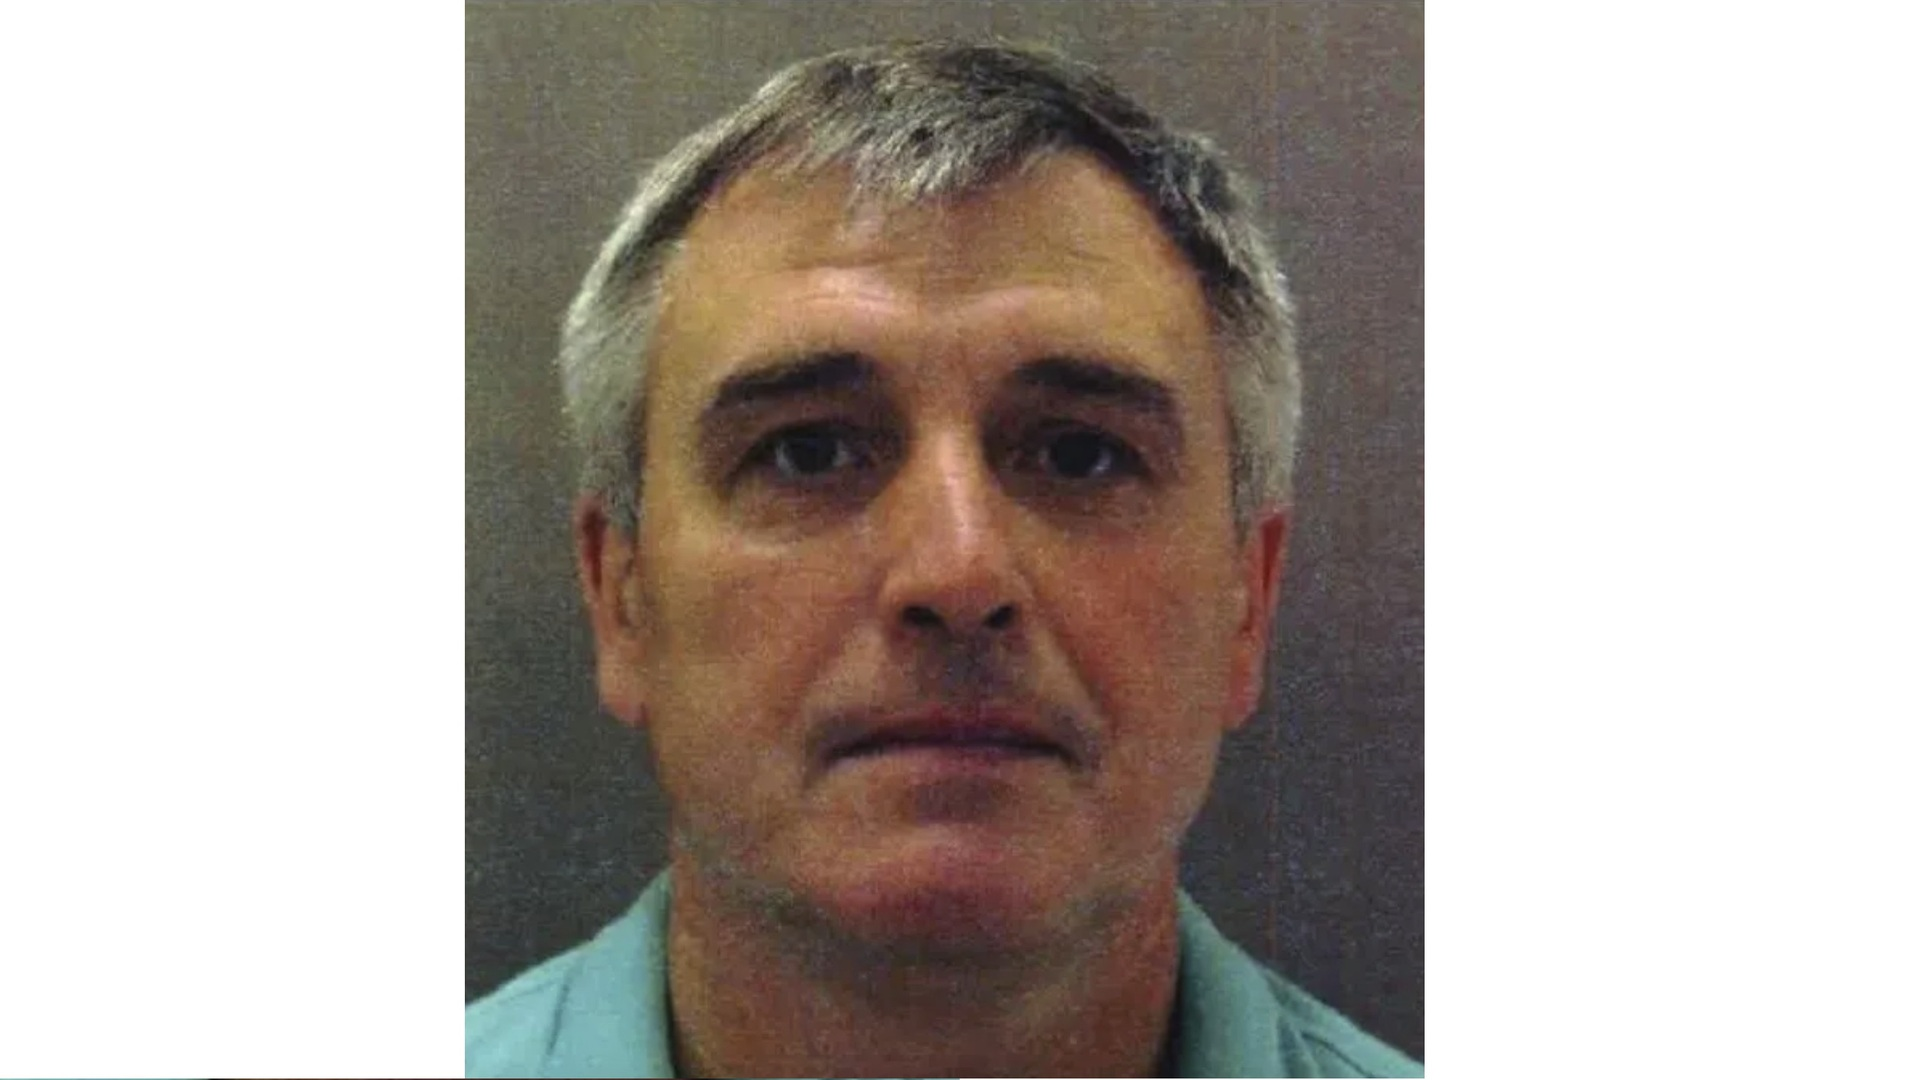 صورة لشخص قالت الشرطة البريطانية إنه سيرغي فيدوتوف